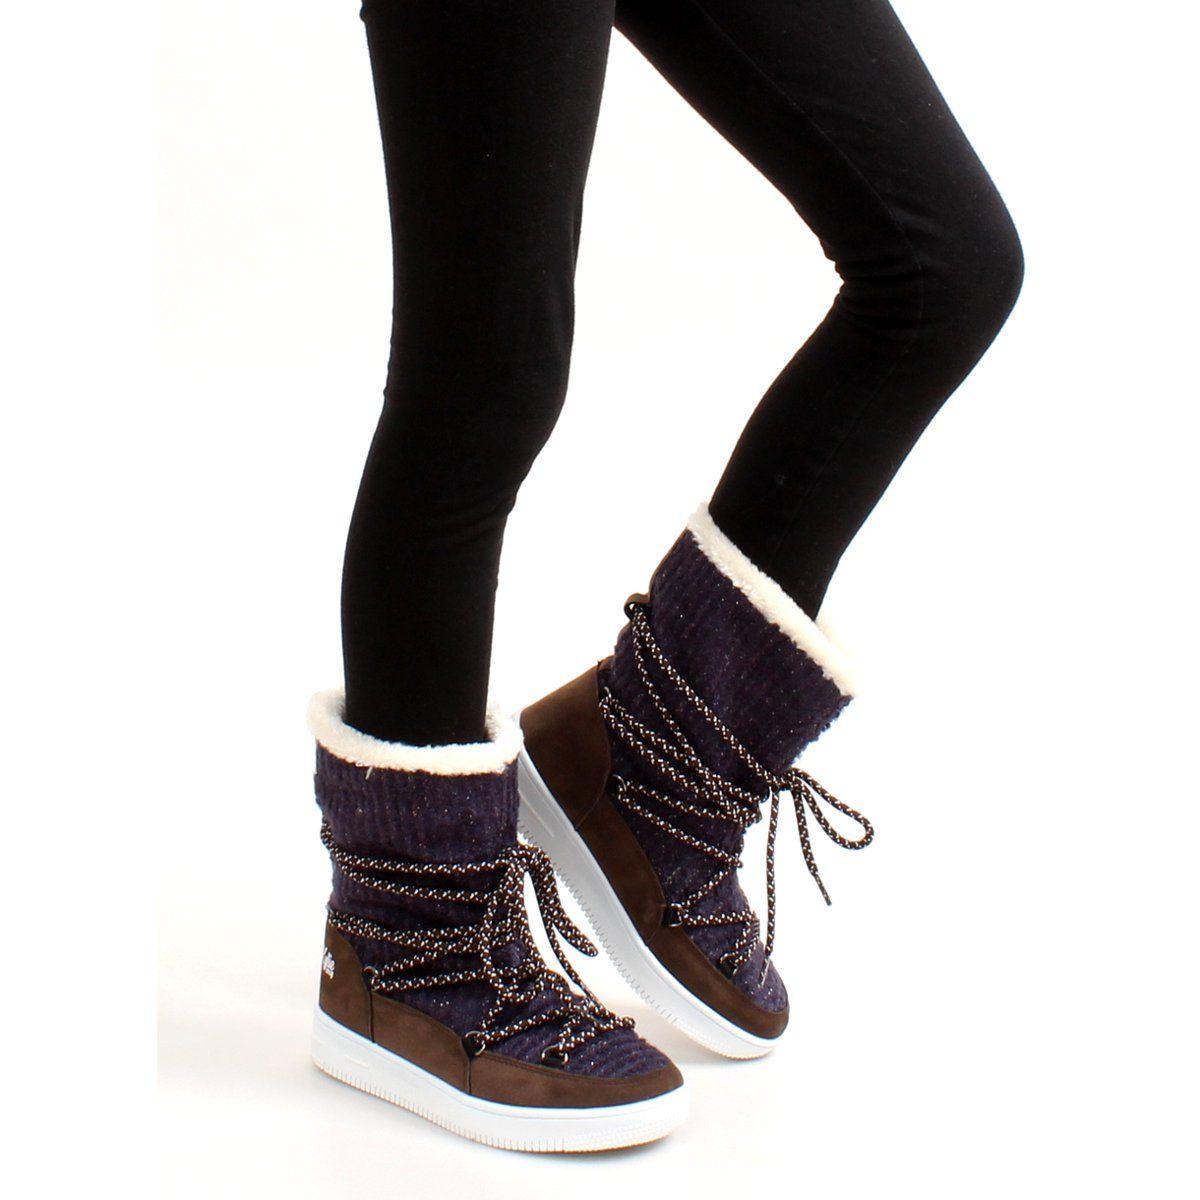 Sniegowce Dla Dzieci Butymodne Granatowe Dzieciece Sniegowce Eskimoski K1646102 Boots Sorel Winter Boot Winter Boot